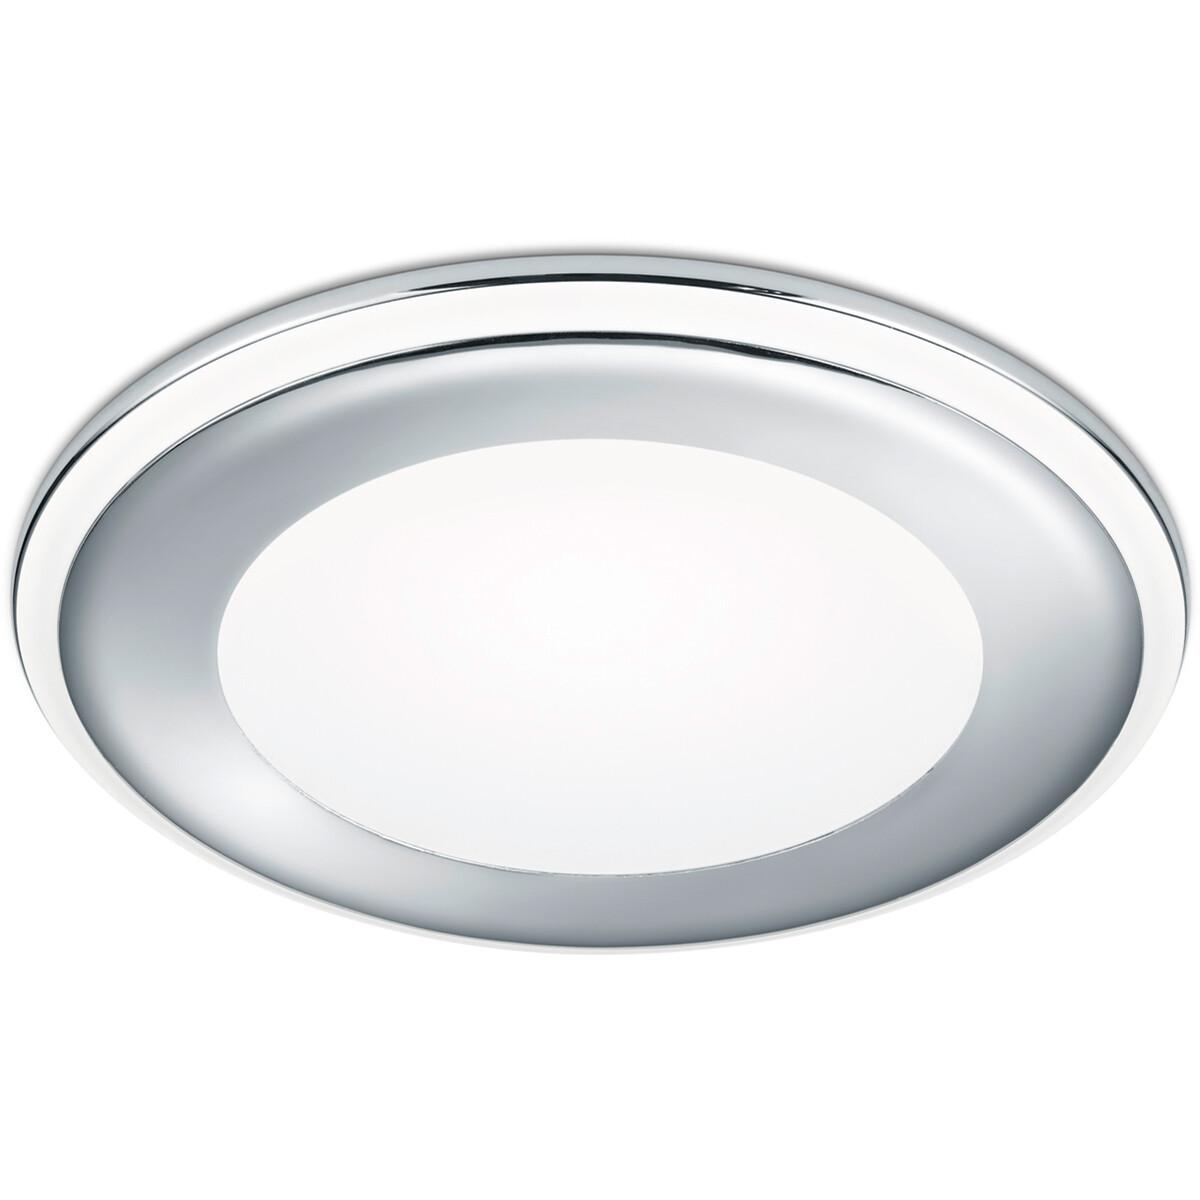 LED Spot - Inbouwspot - Trion Auran - 10W - Warm Wit 3000K - Rond - Mat Chroom - Kunststof